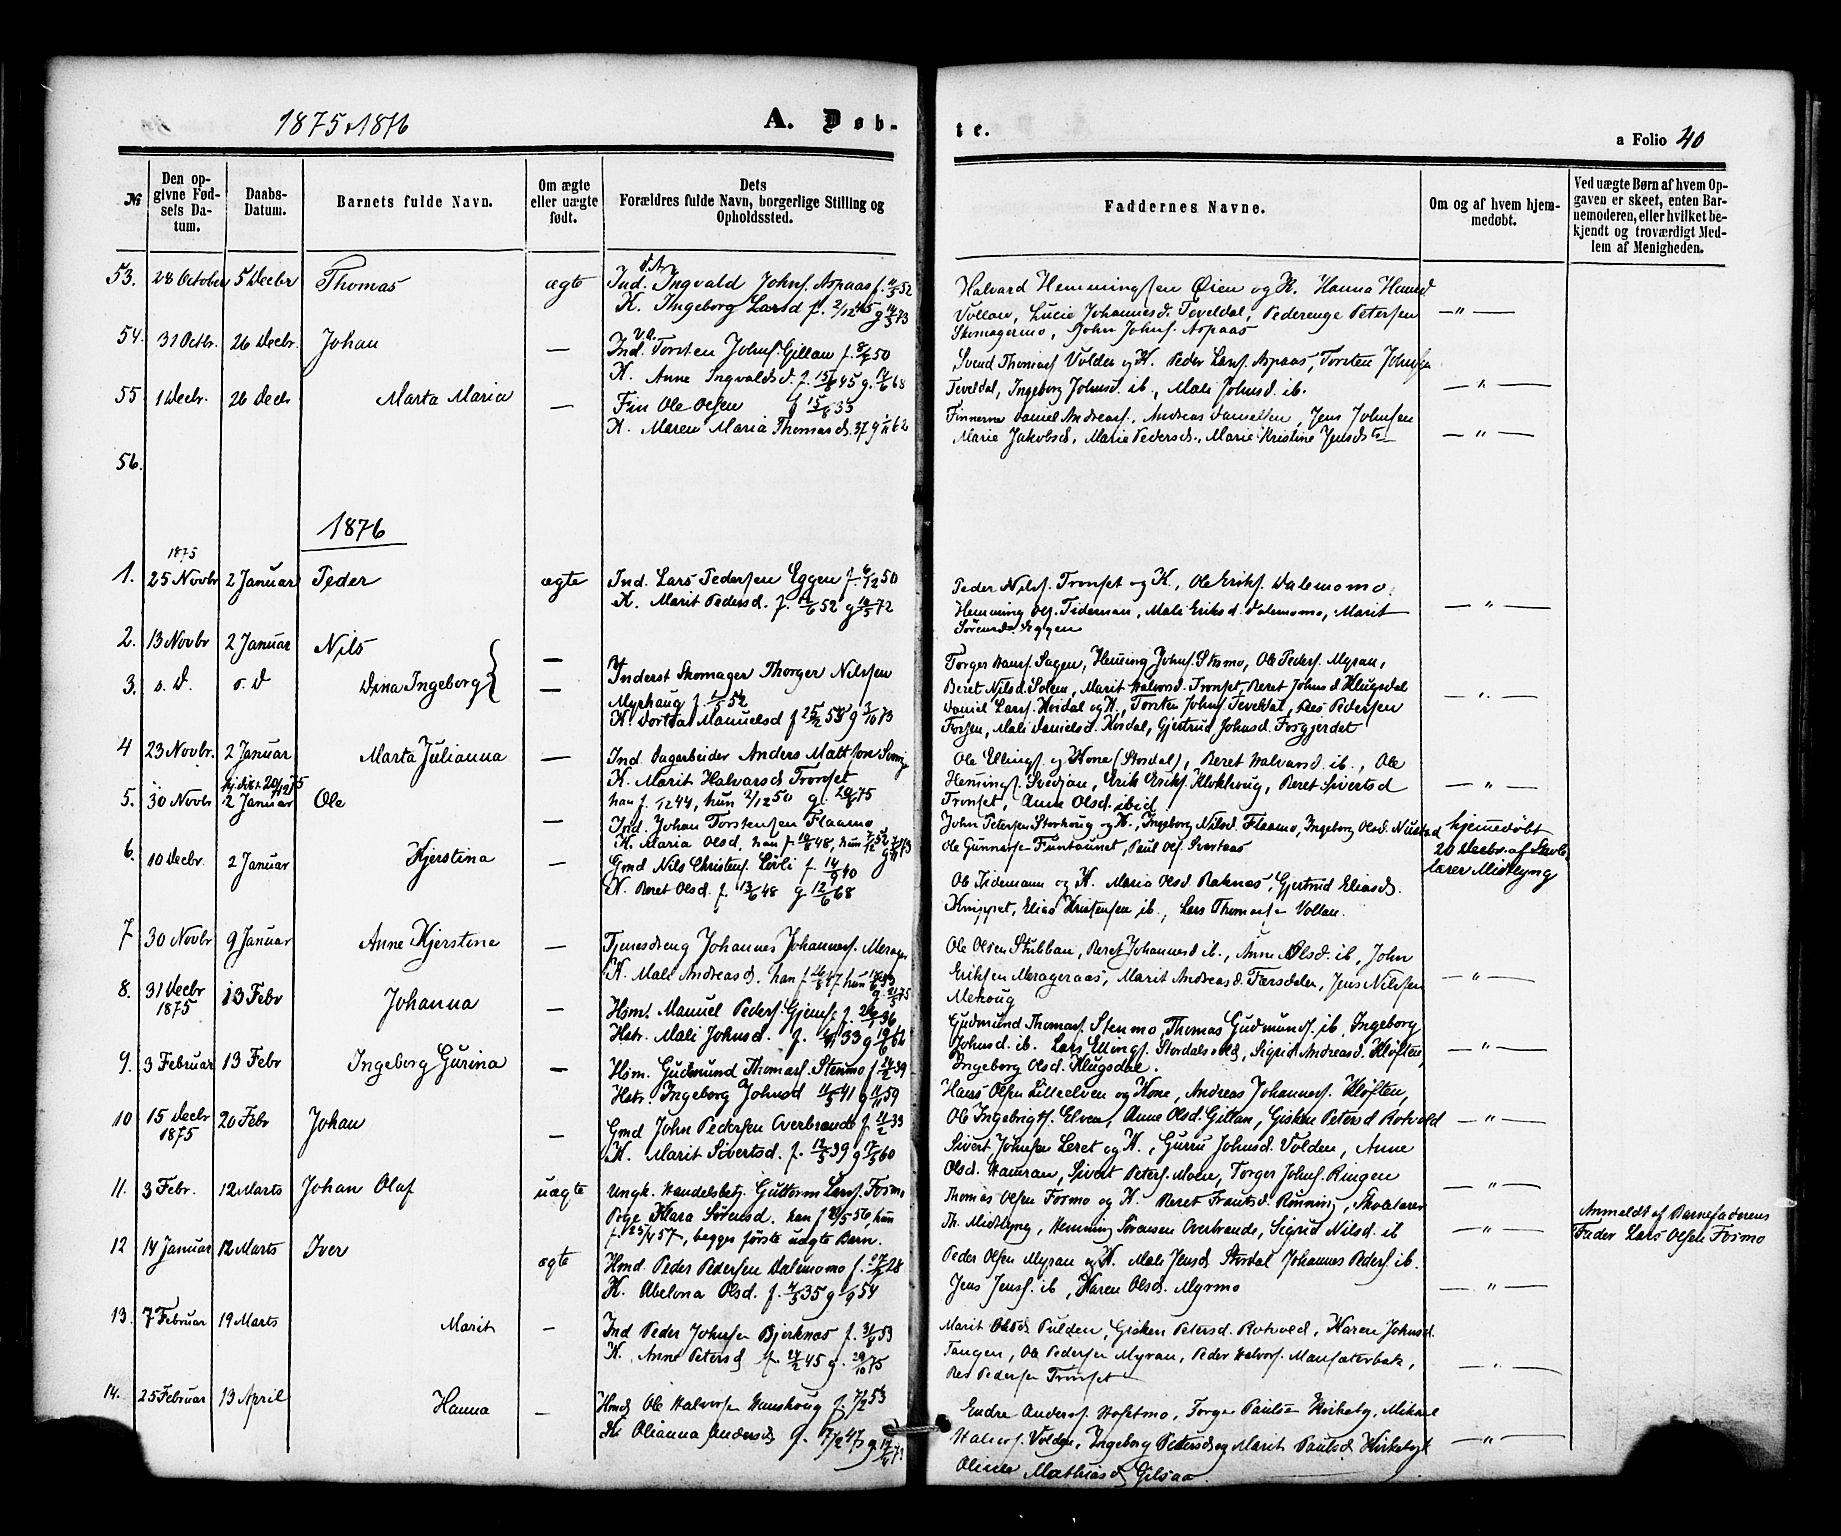 SAT, Ministerialprotokoller, klokkerbøker og fødselsregistre - Nord-Trøndelag, 706/L0041: Ministerialbok nr. 706A02, 1862-1877, s. 40